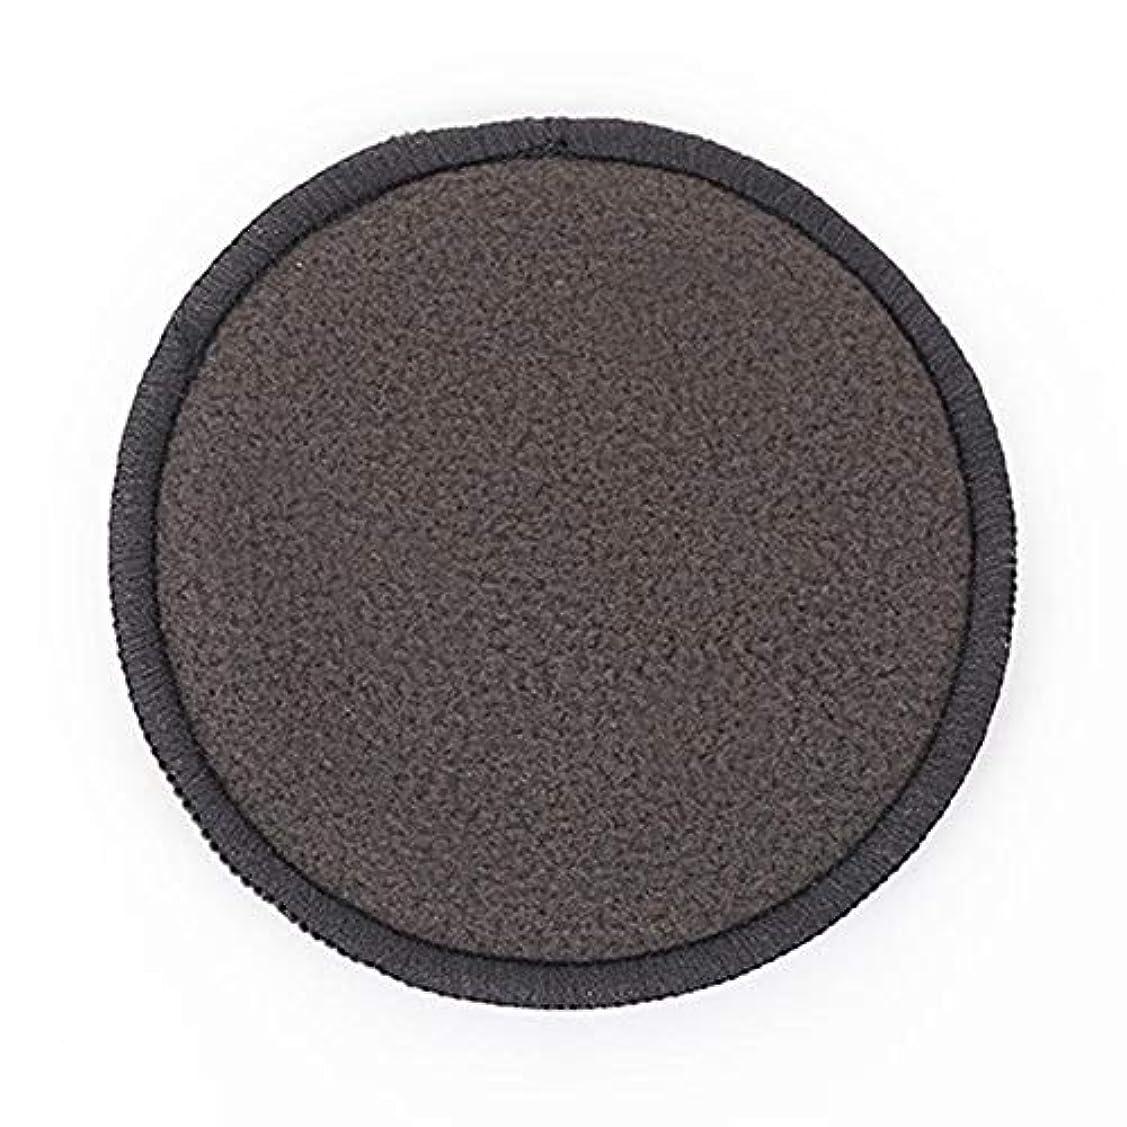 四面体備品ポルティコメイク落としパッド 吸水性 通気性 吸収性 健康 耐久性 顔皮膚 化粧除去 黒 12個